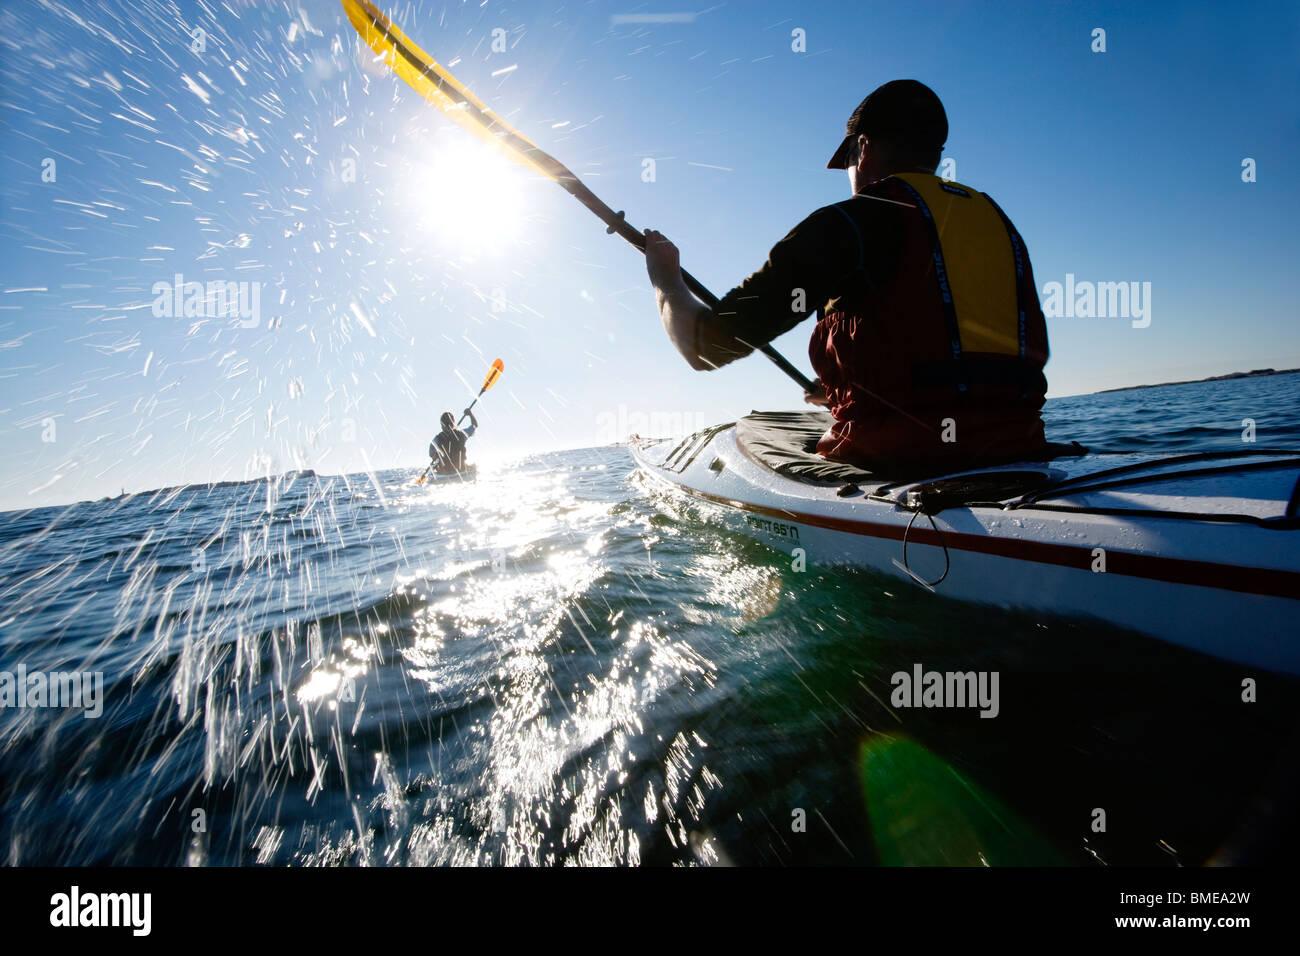 La gente kayak, Suecia. Imagen De Stock